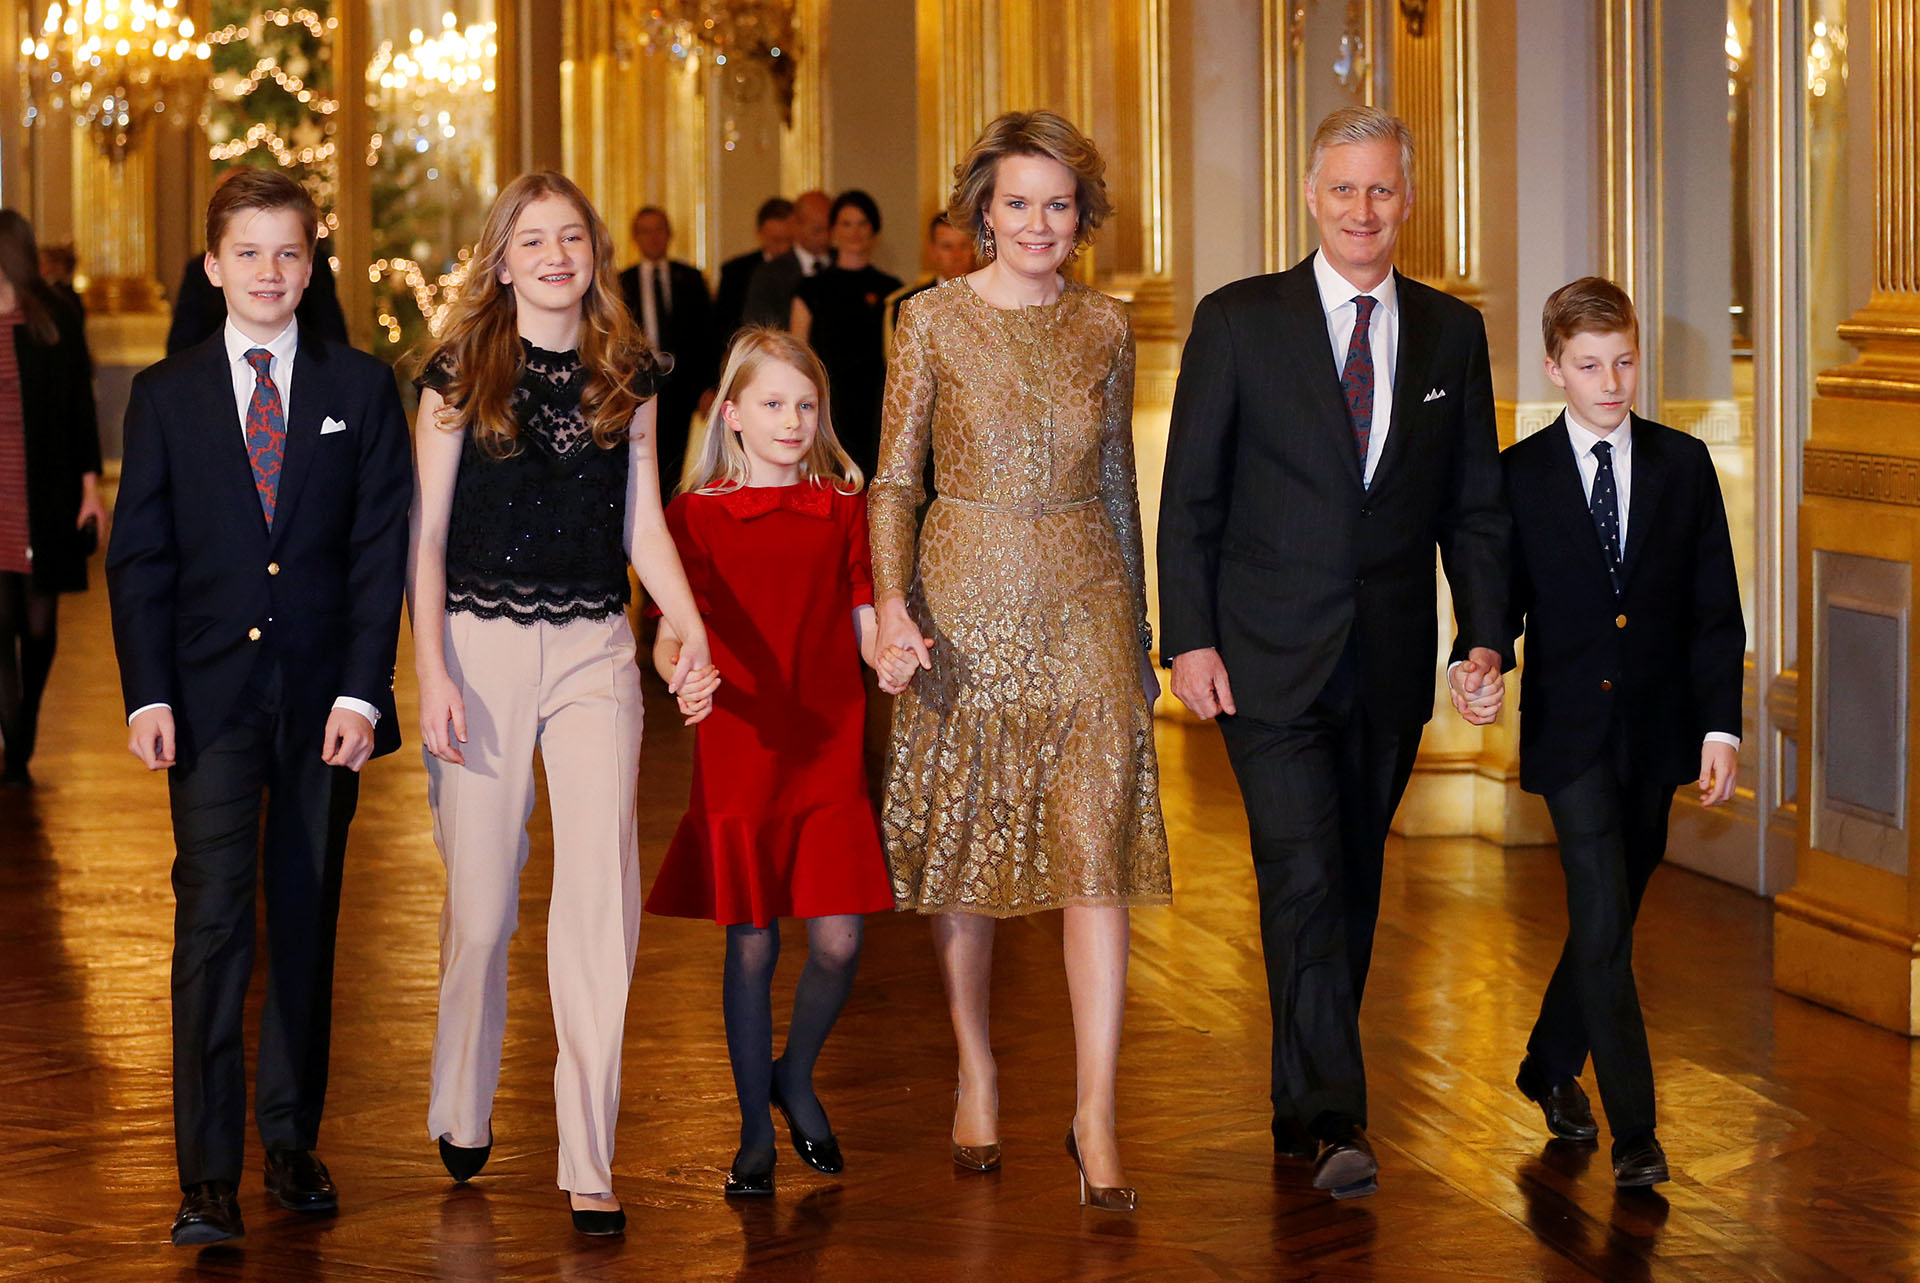 La reina Mathilde lució un elegante vestido color cobre y stilettos, mientras que la heredera al trono belga, la princesa Elisabeth, vistió una blusa de encaje negro y pantalones nude